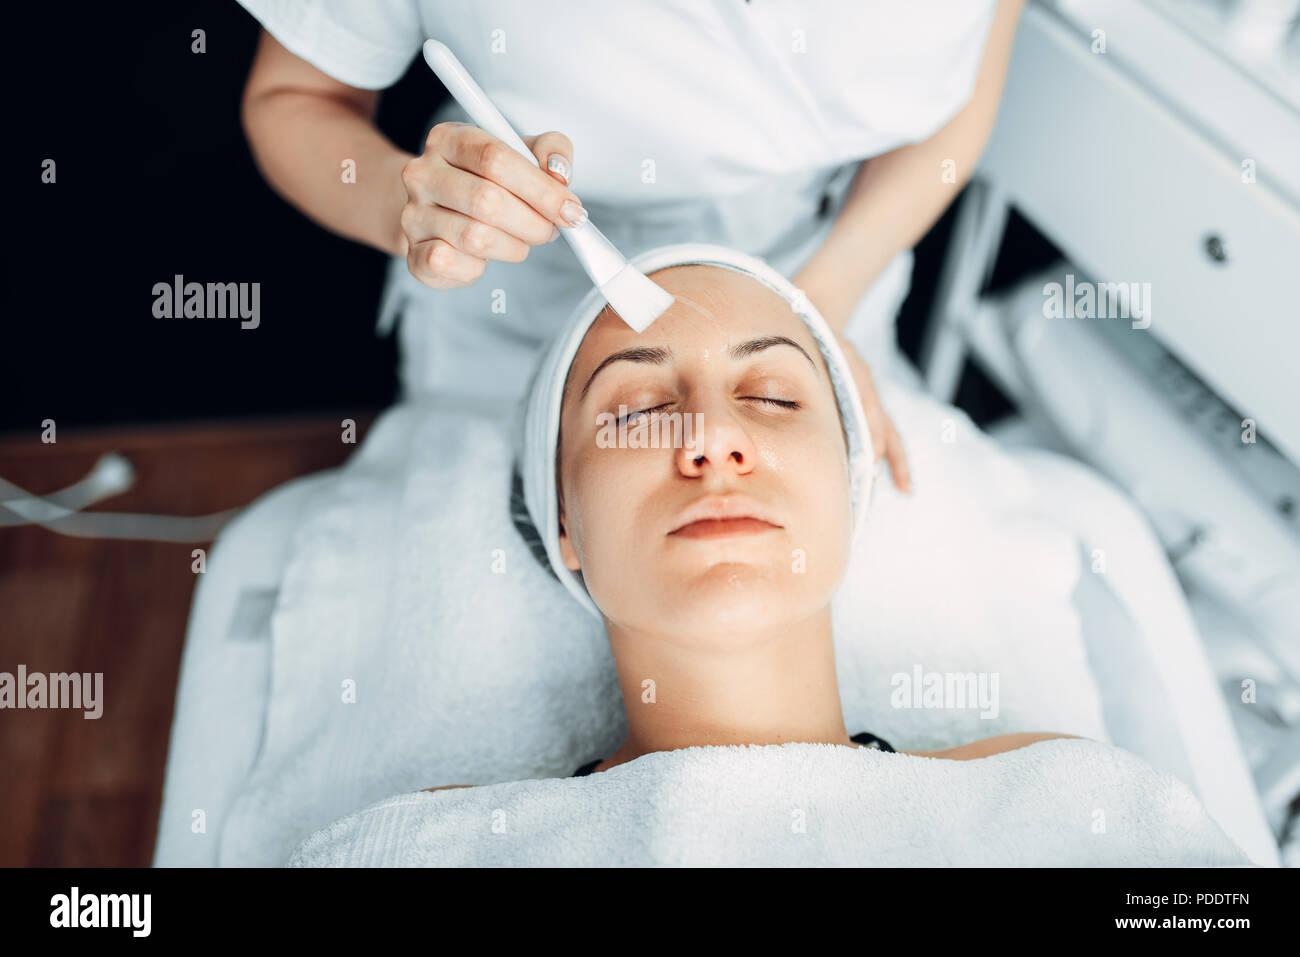 Beautician makes rejuvenation procedure to patient - Stock Image